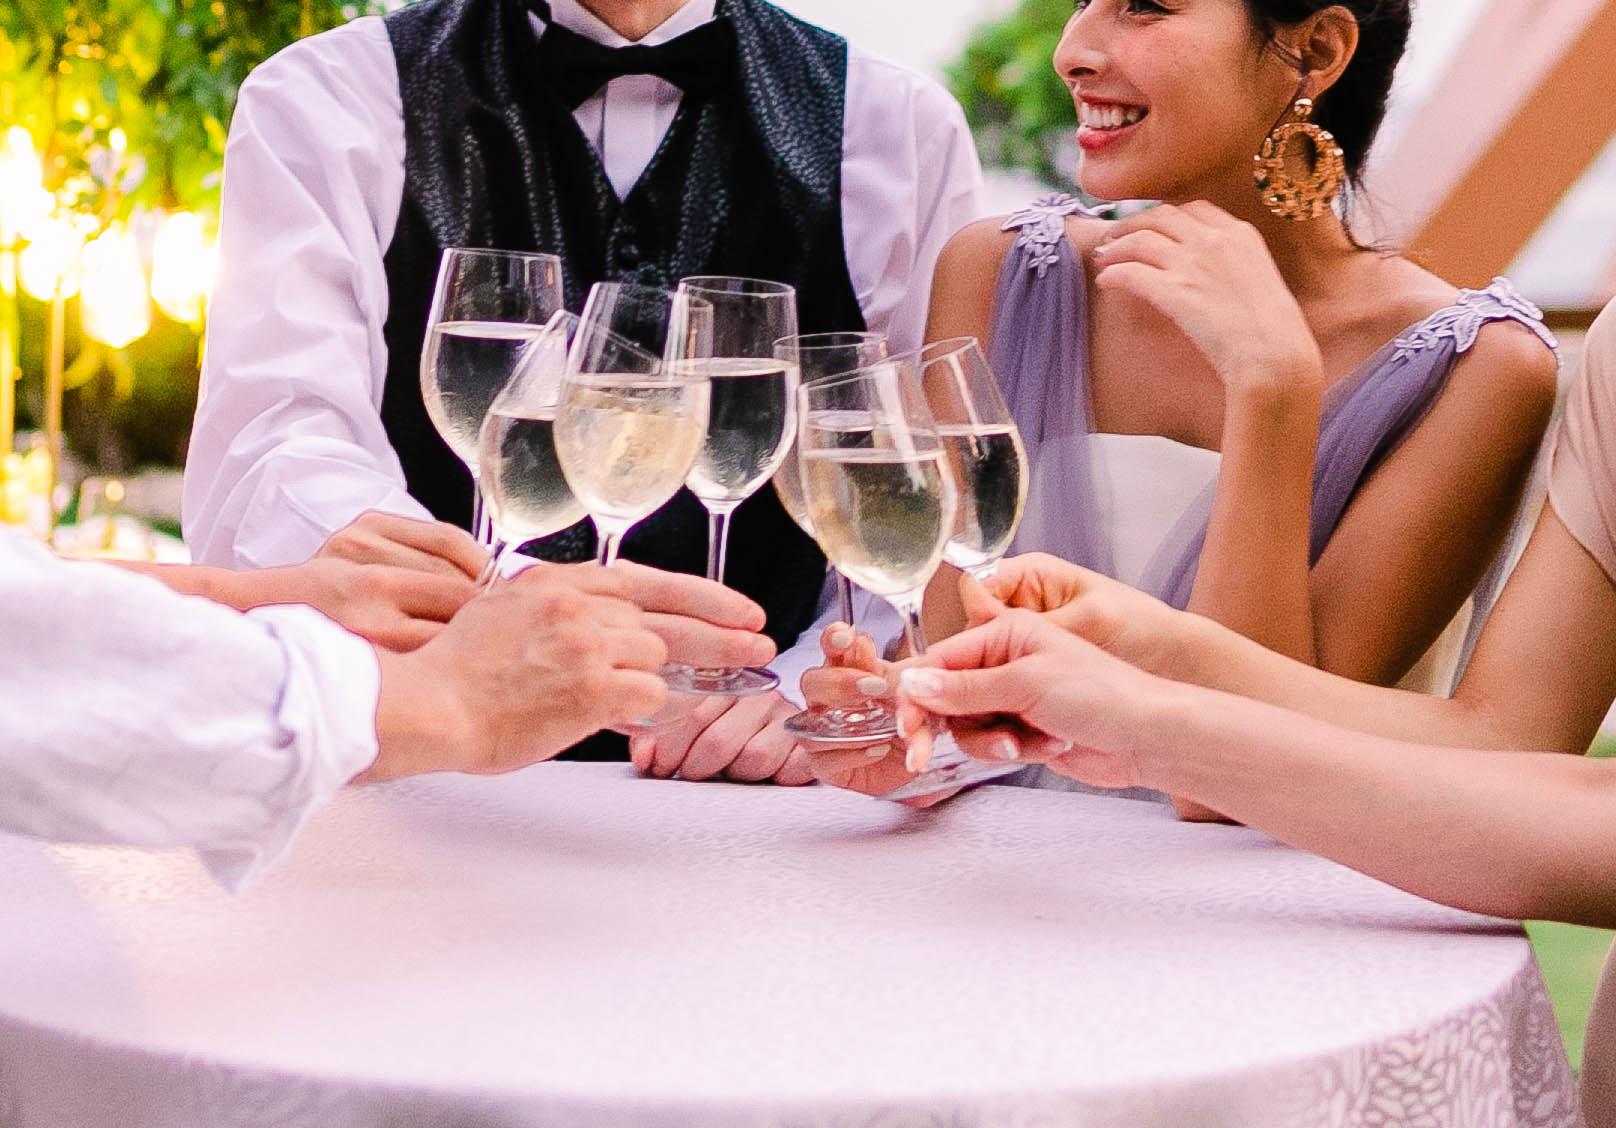 伊豆ウェディングパーティー 伊豆結婚式 伊豆挙式